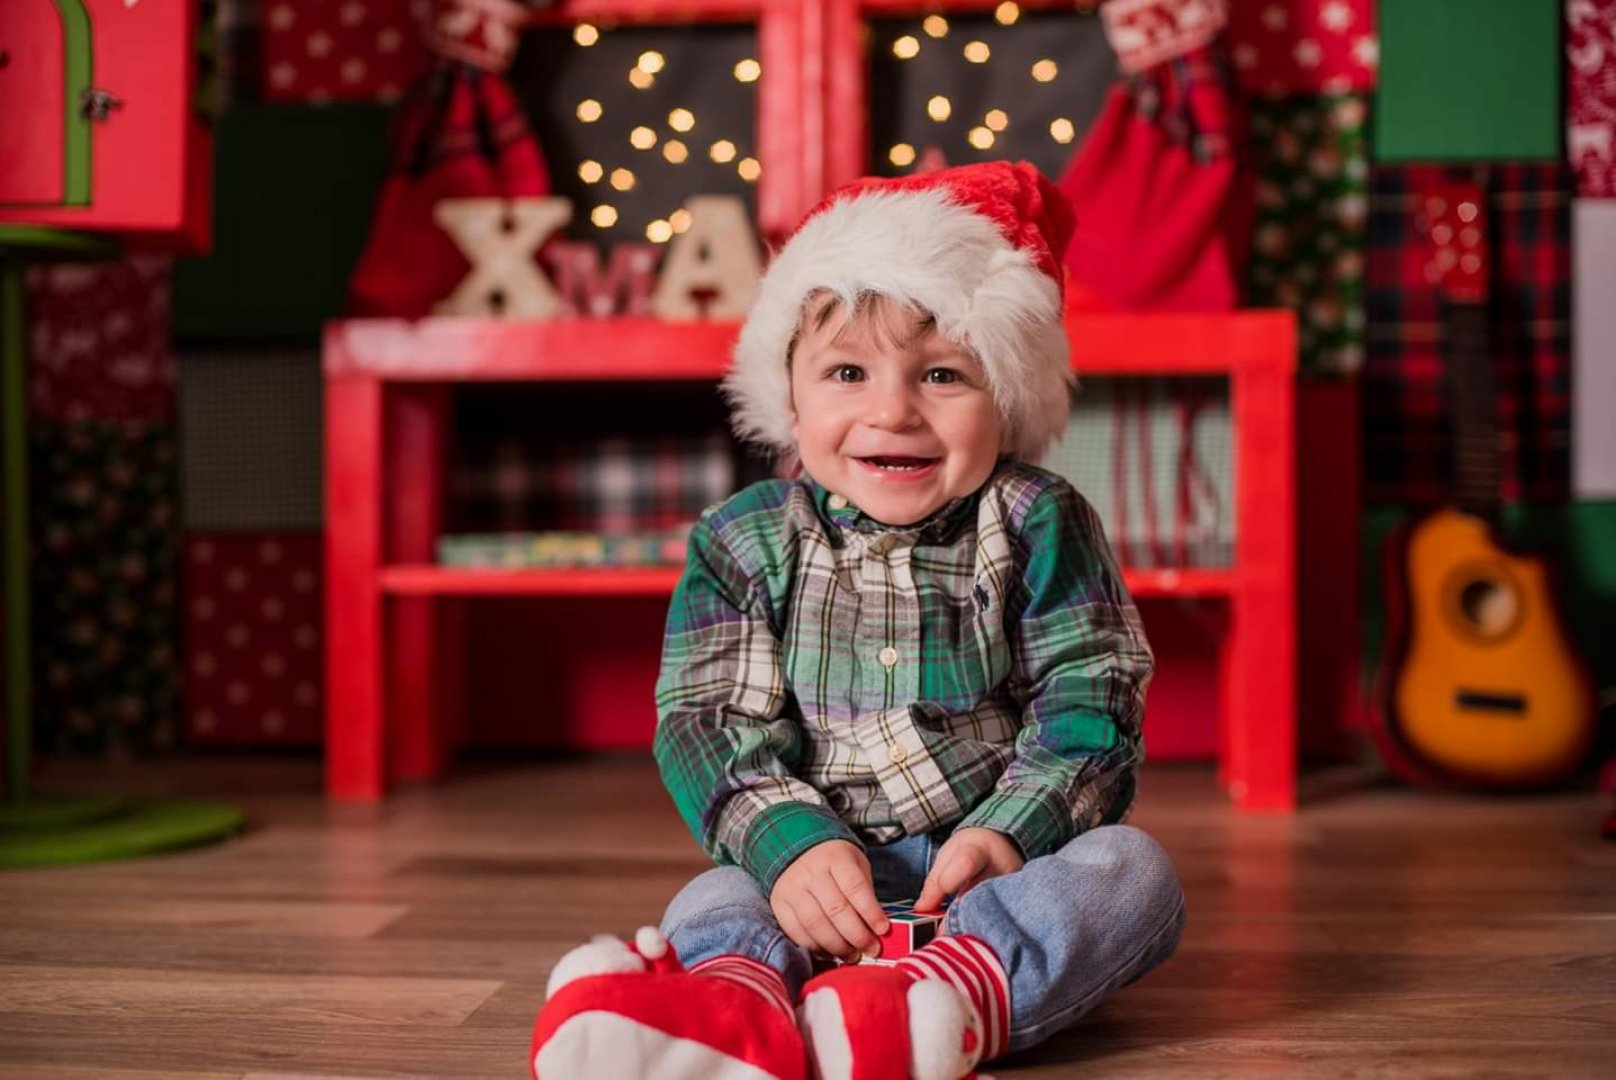 Богдан е на 11 месеца и си личи, че обектива не го притеснява